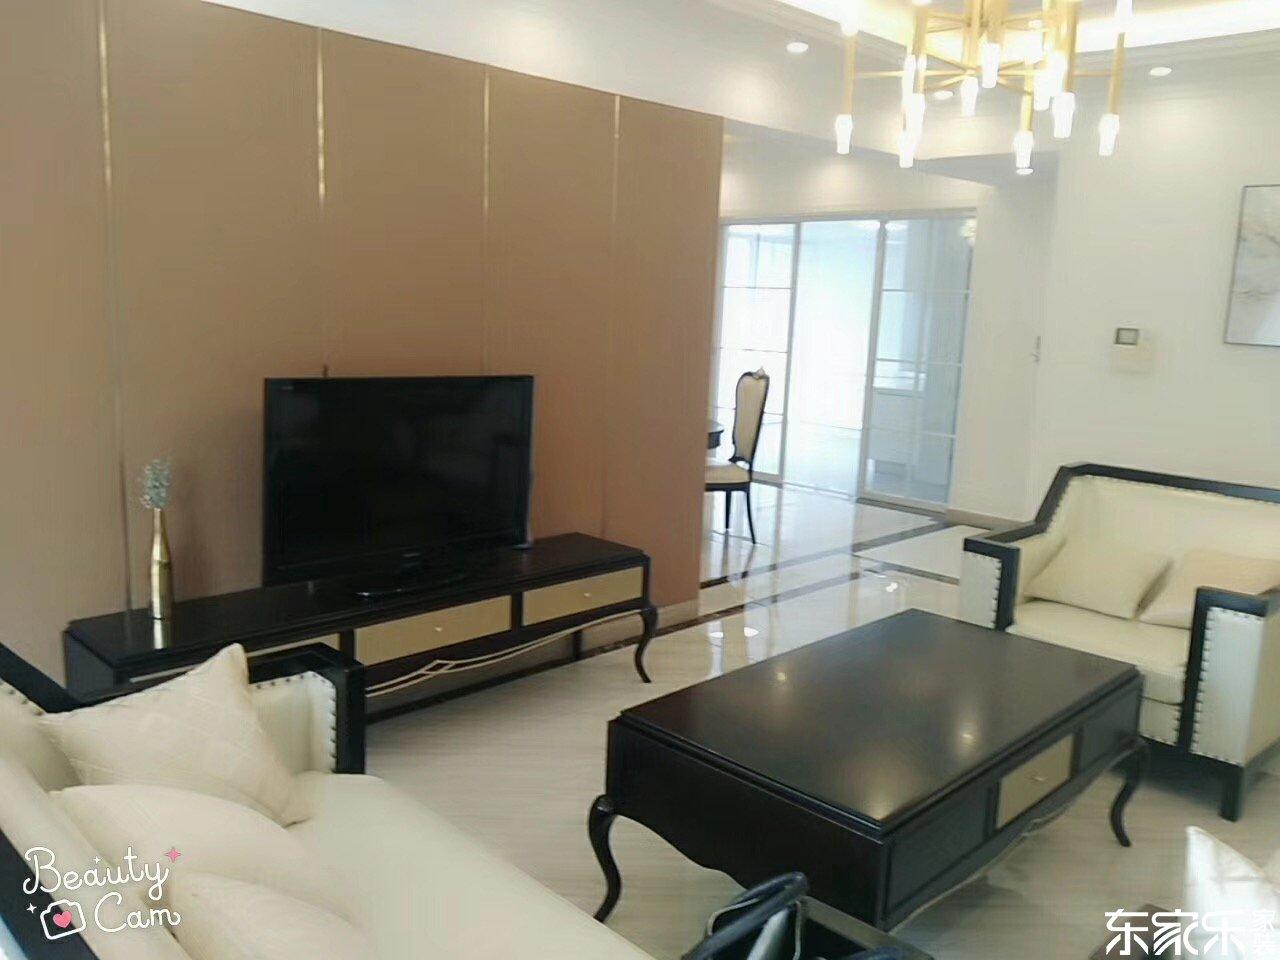 115平米现代简约风格客厅全景展示图